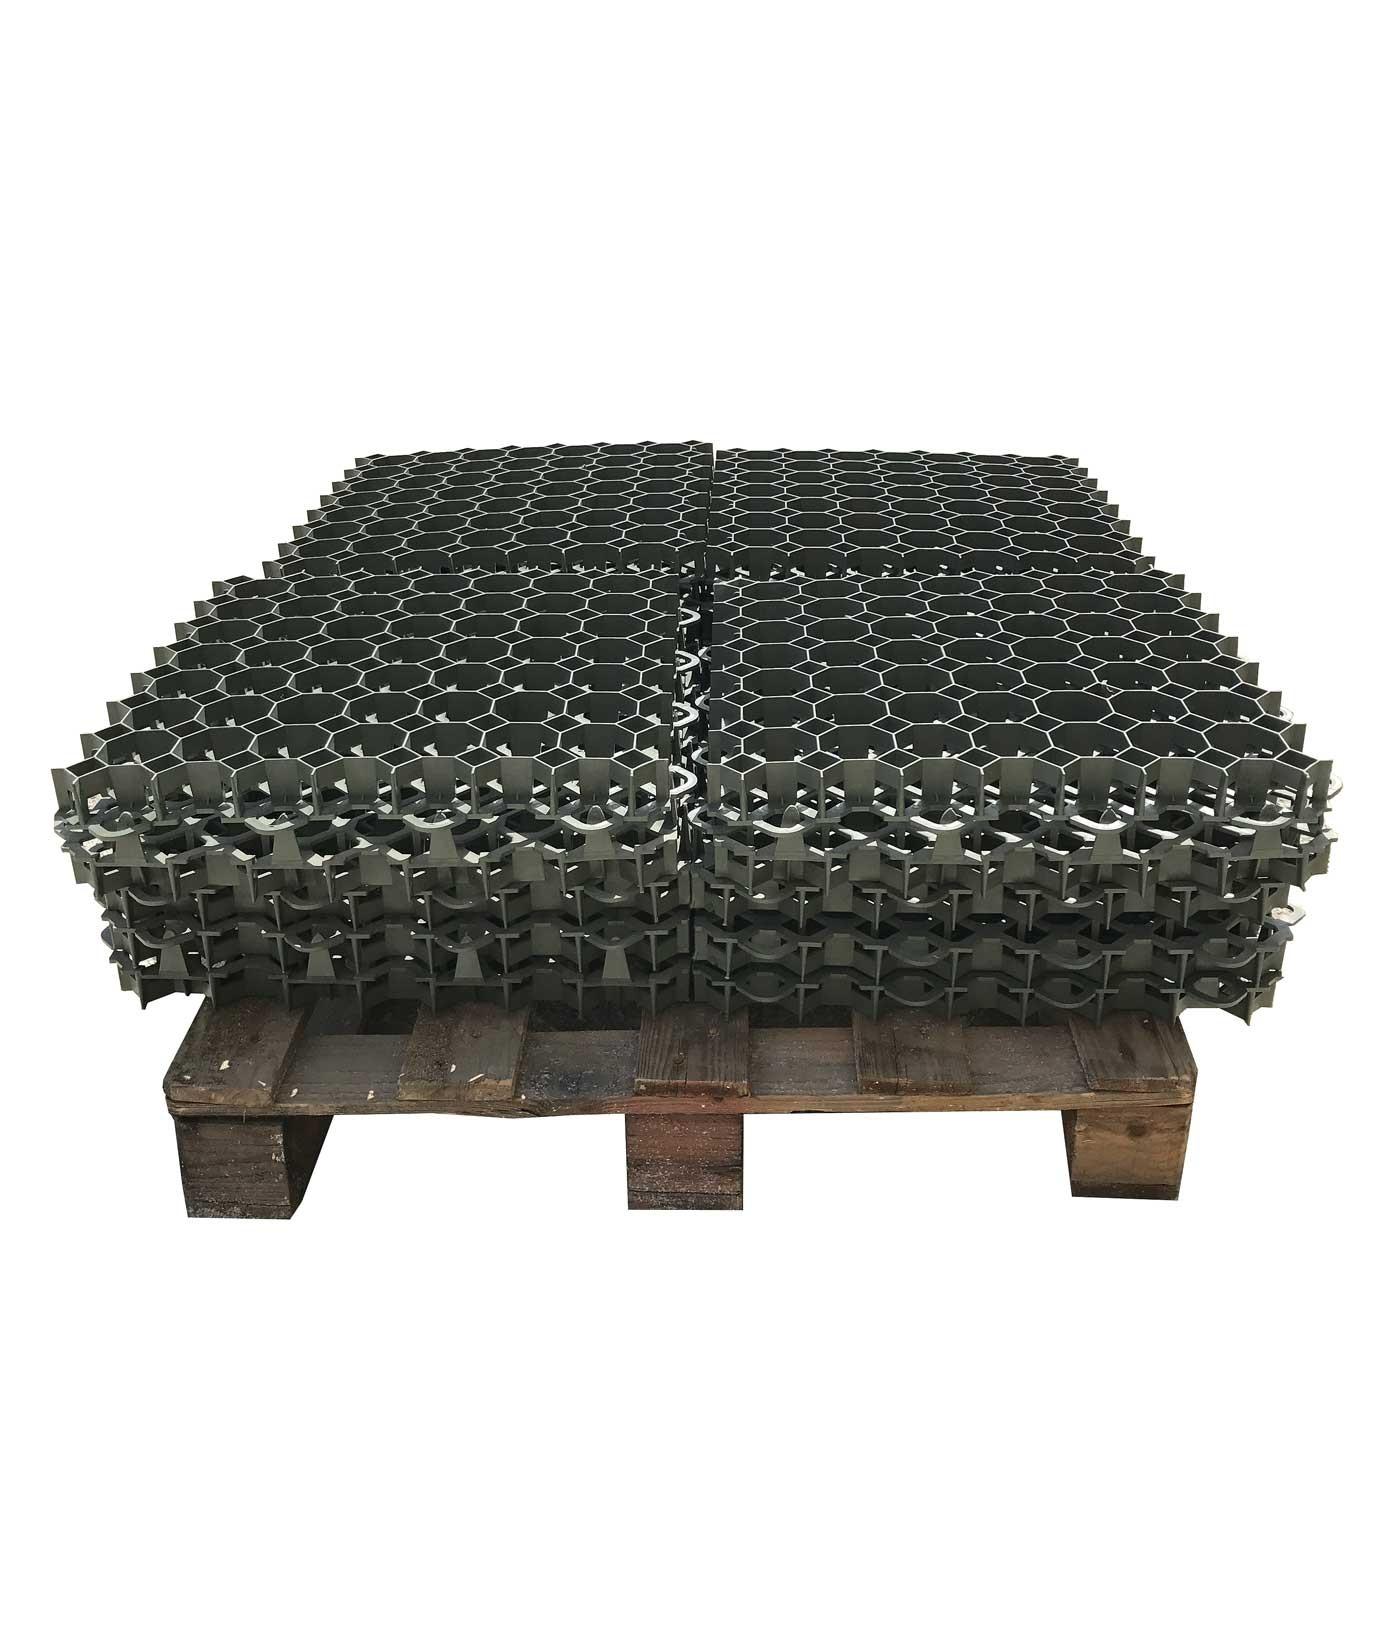 dalle en pvc engazonner stella green 47 x 47 cm ep 3 9 cm 2 5 t lot 5 06 m. Black Bedroom Furniture Sets. Home Design Ideas